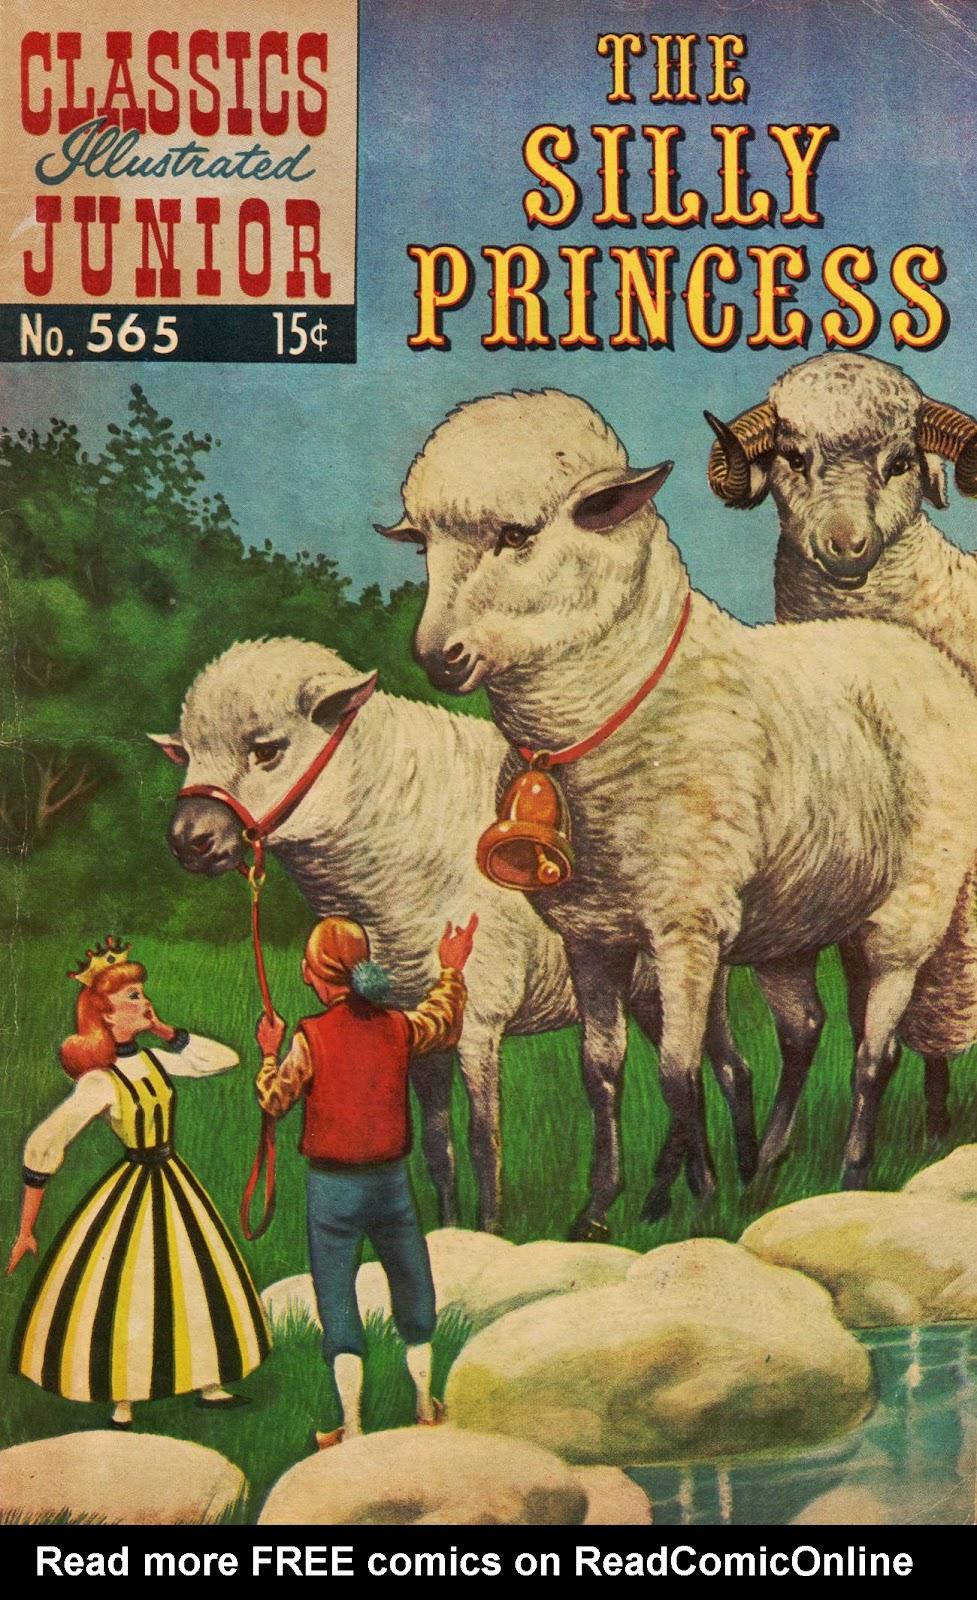 Classics Illustrated Junior 565 Page 1